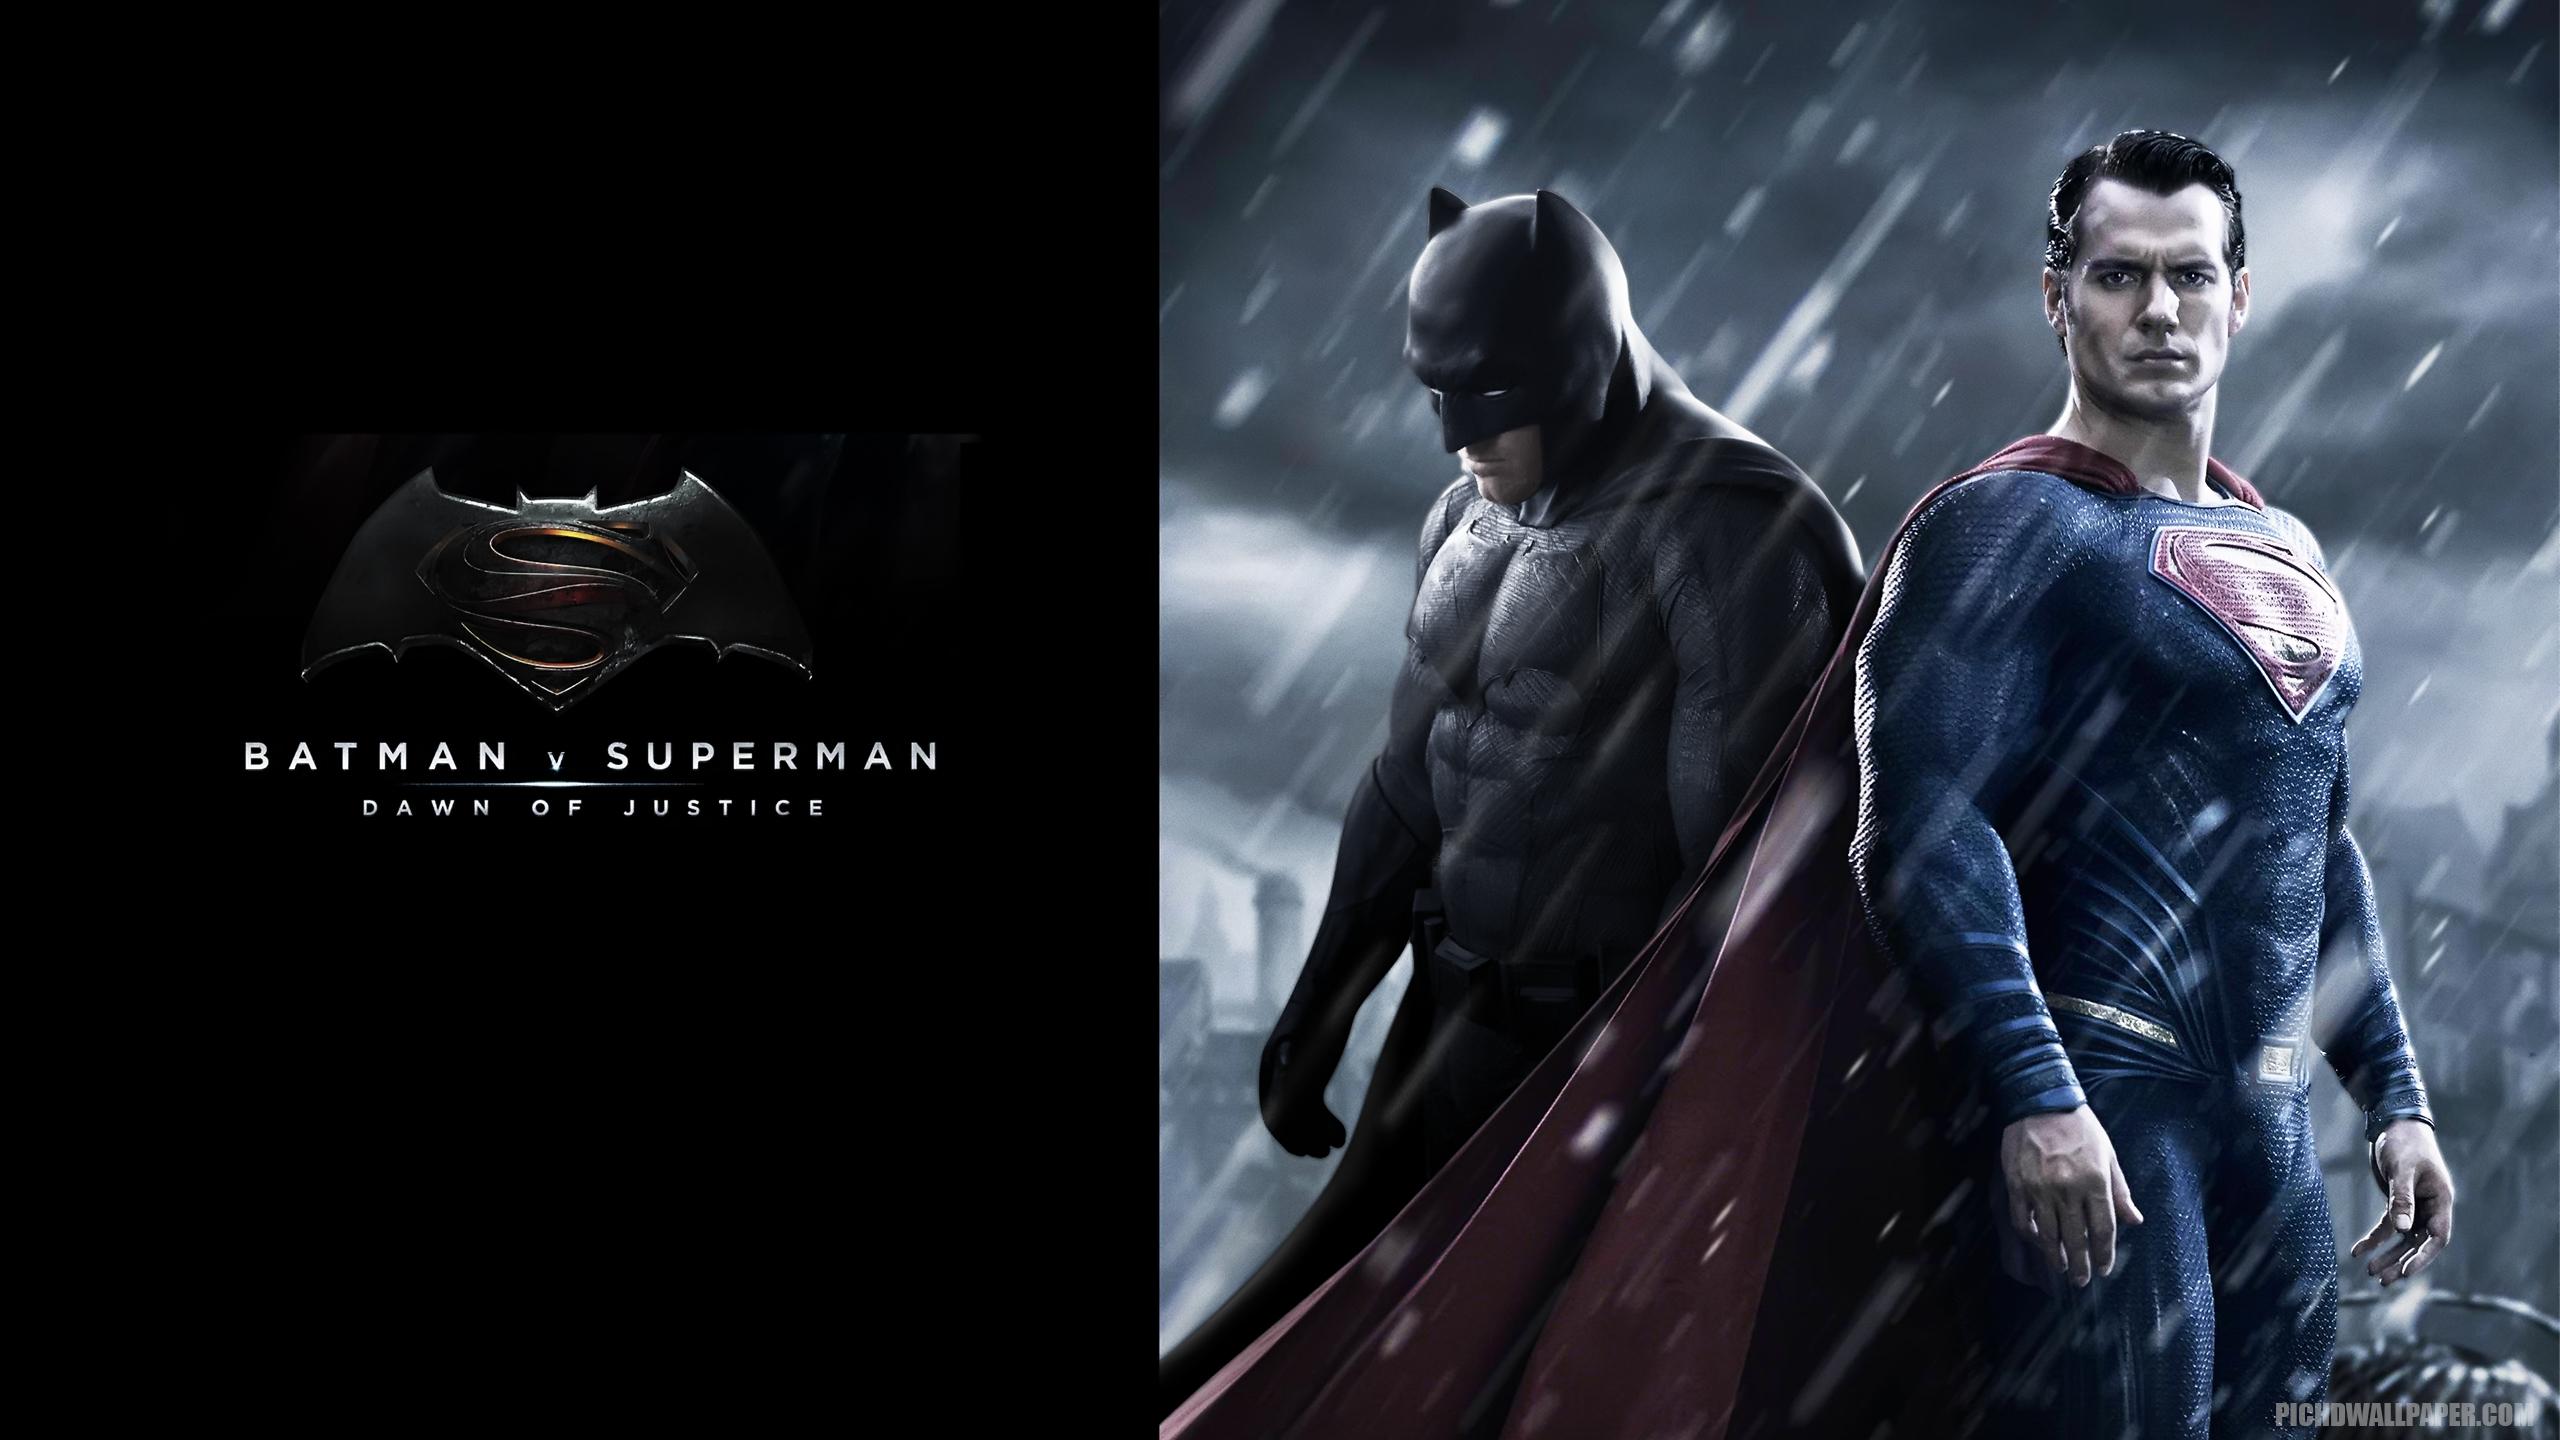 Batman V Superman Wallpaper post under Batman V Superman HD 2560x1440